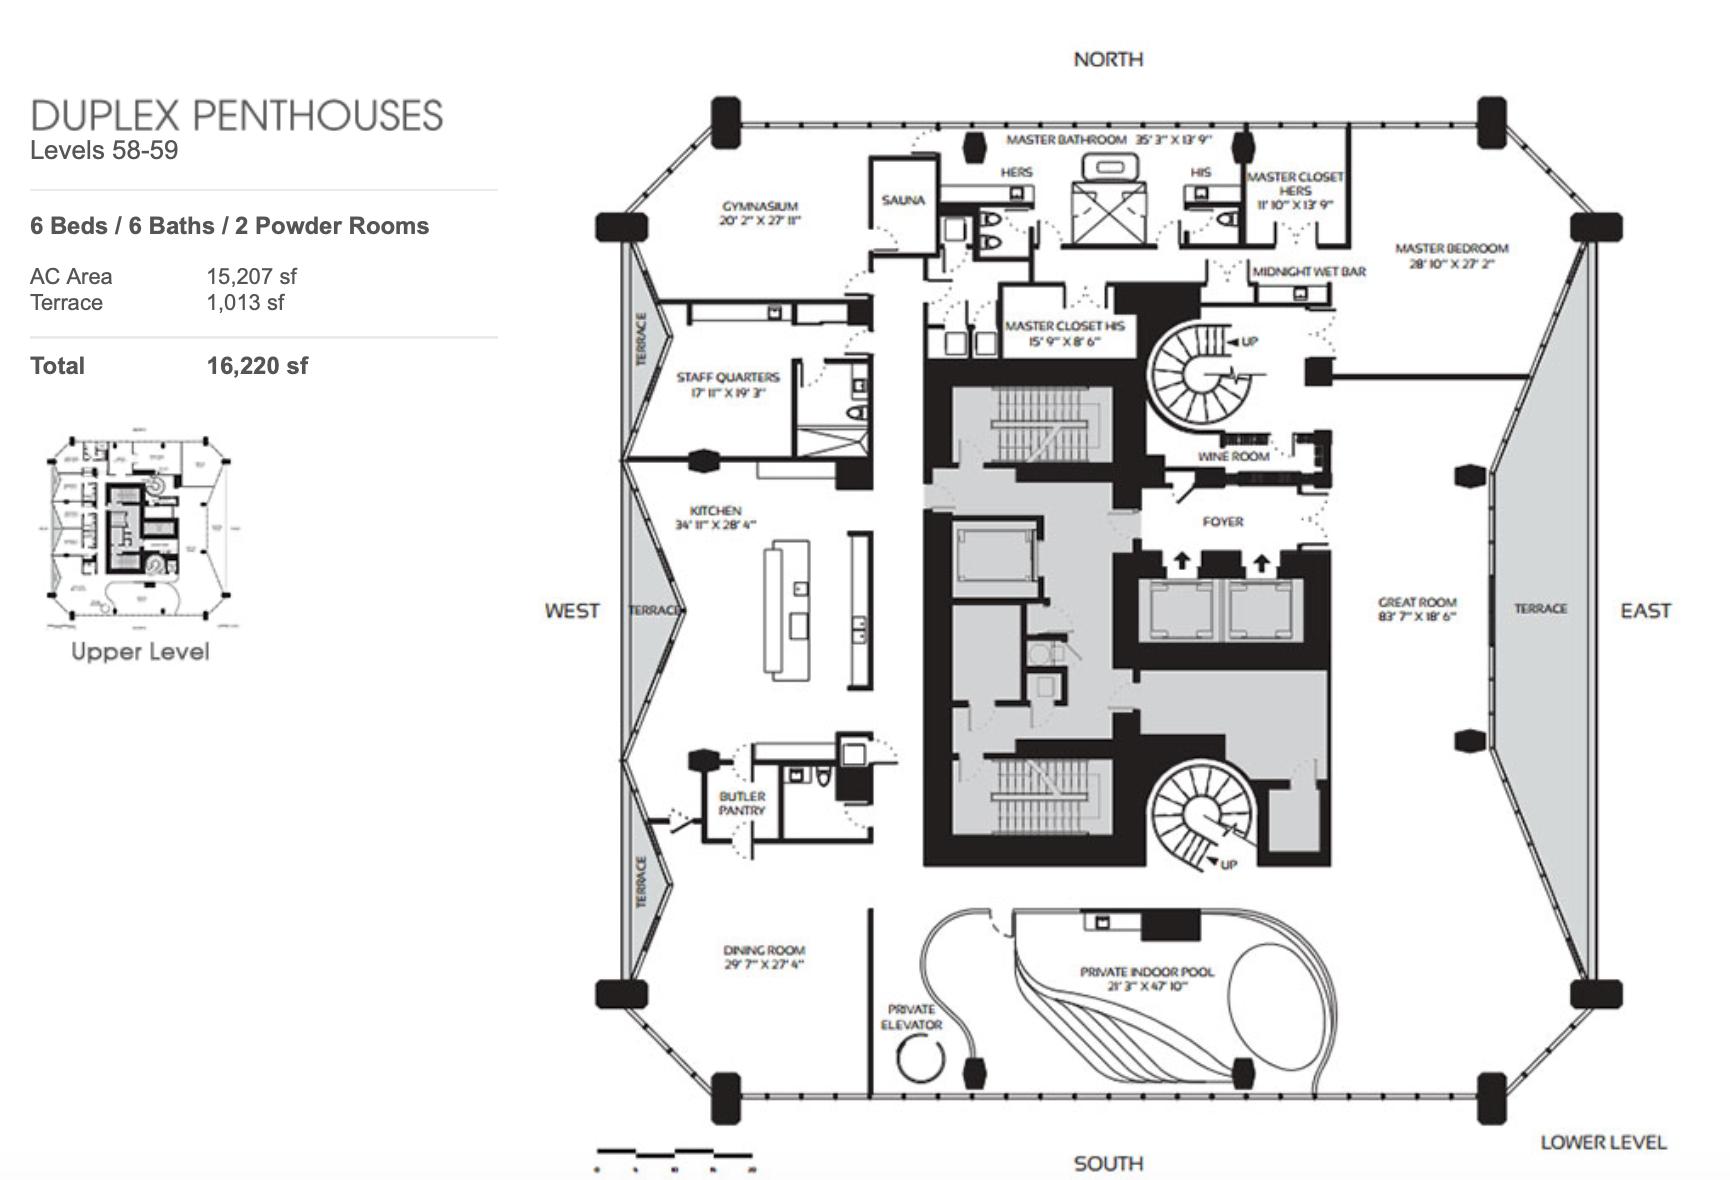 Duplex Penthouses